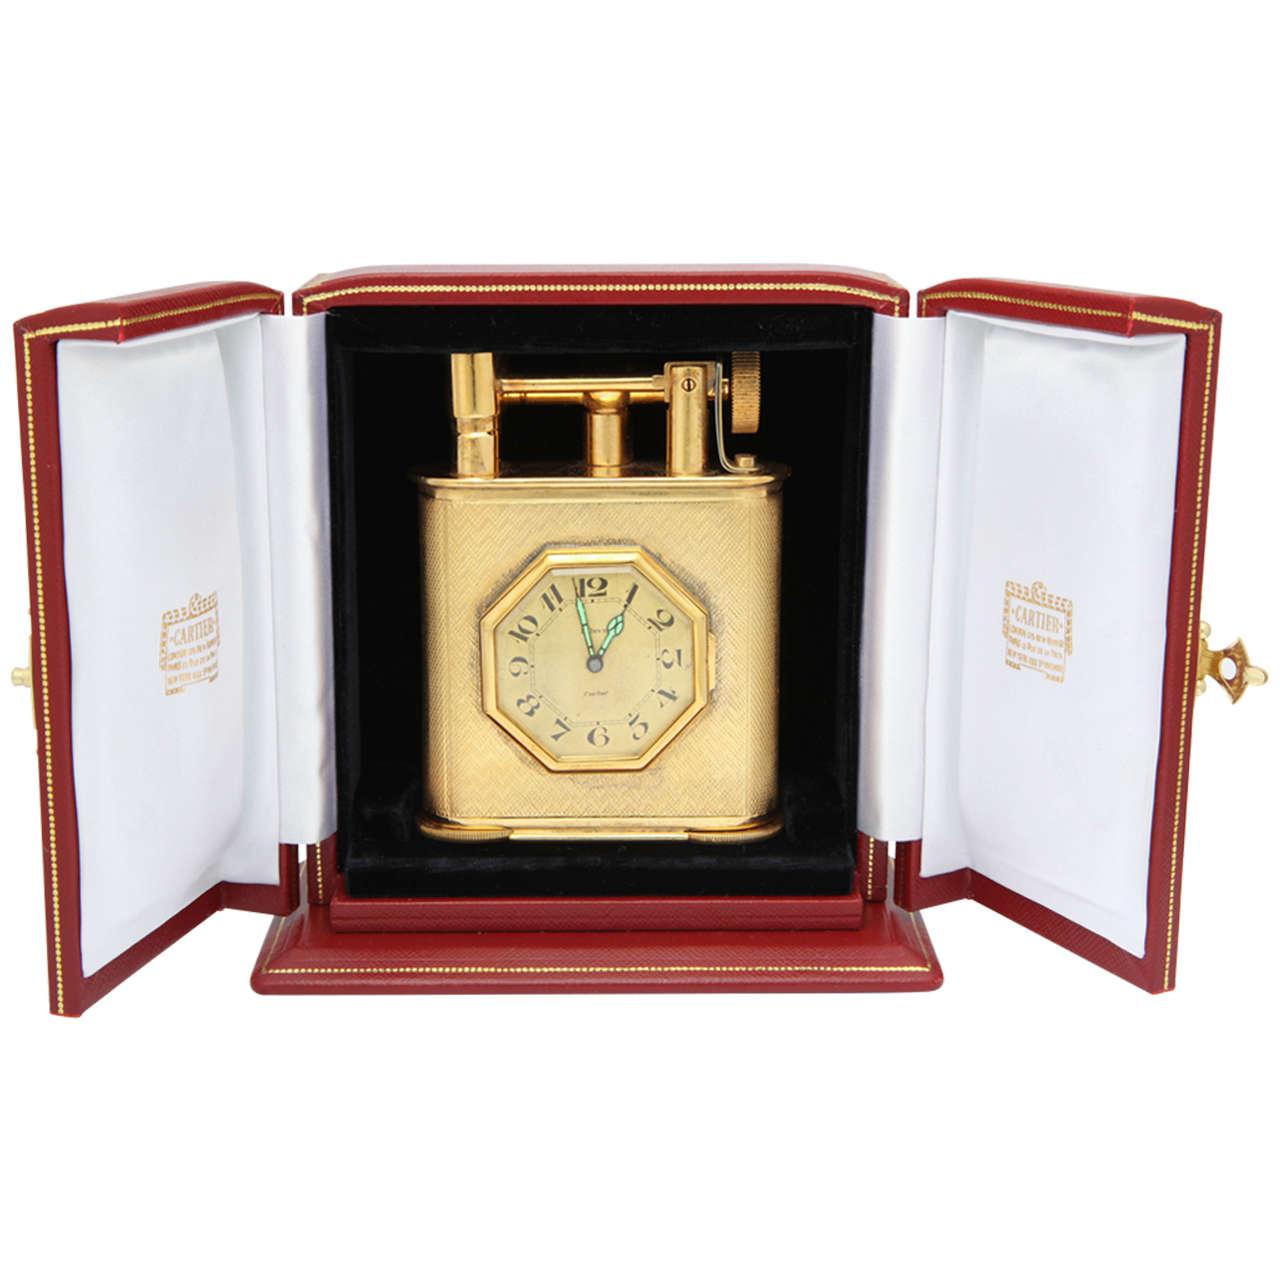 Cartier Desk Clock and Lighter